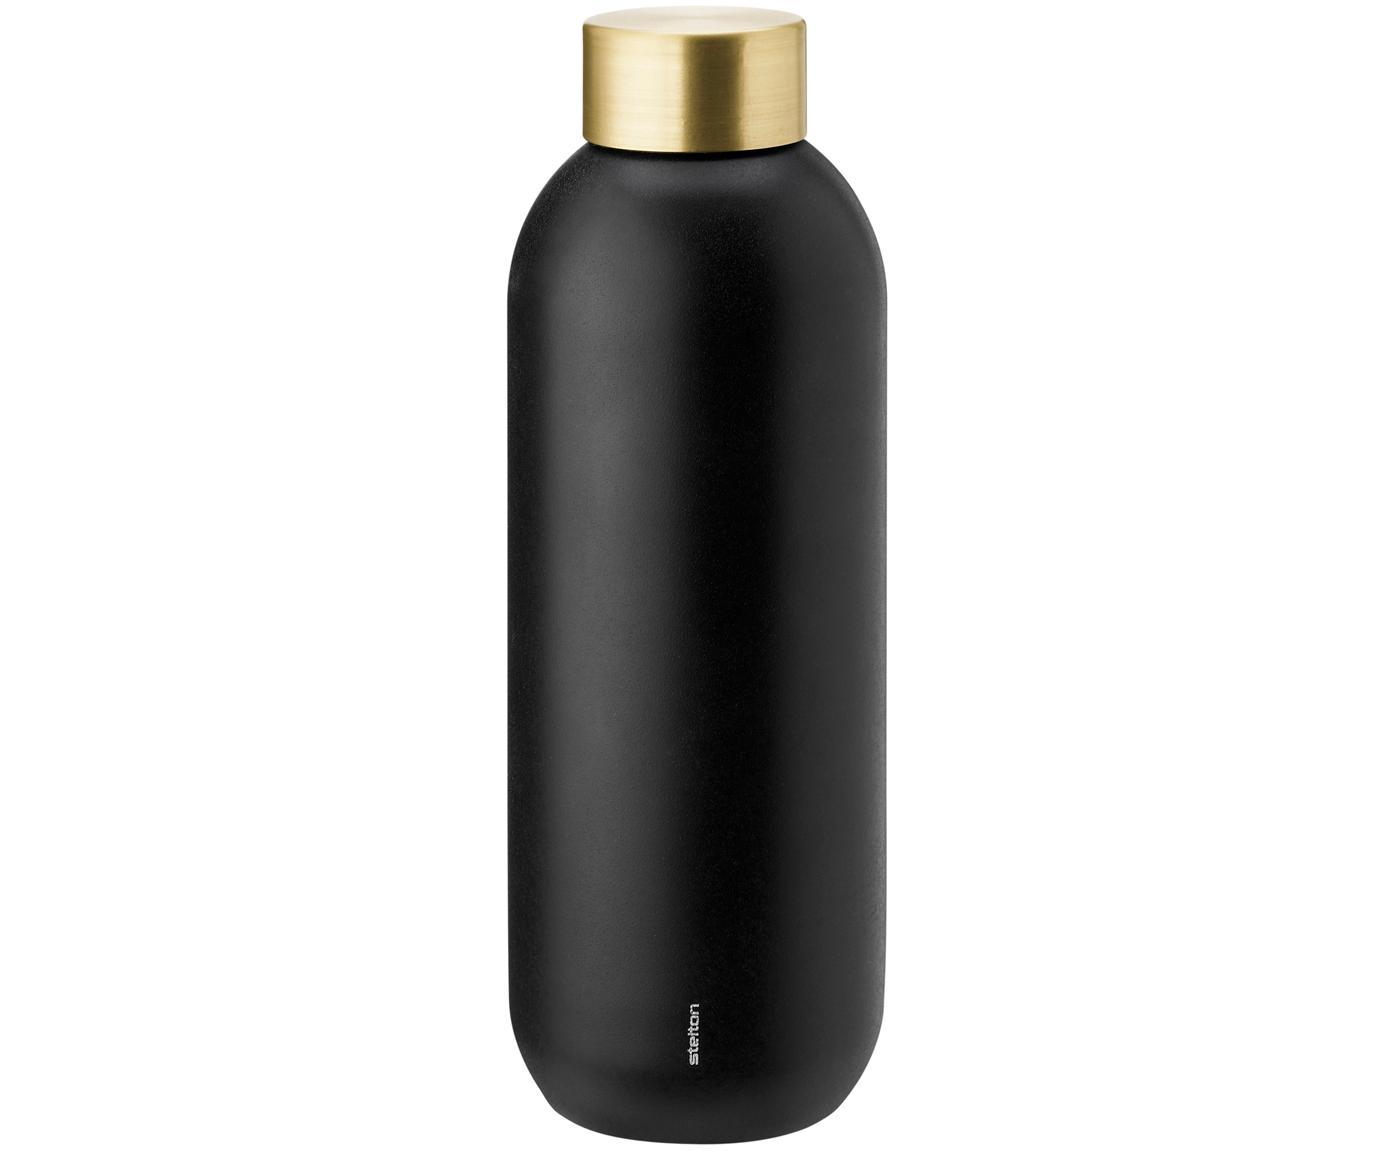 Trinkflasche Collar in Schwarz/Gold, Korpus: Edelstahl mit Teflonbesch, Korpus: Schwarz, mattSchraubverschluss: Messing, 750 ml